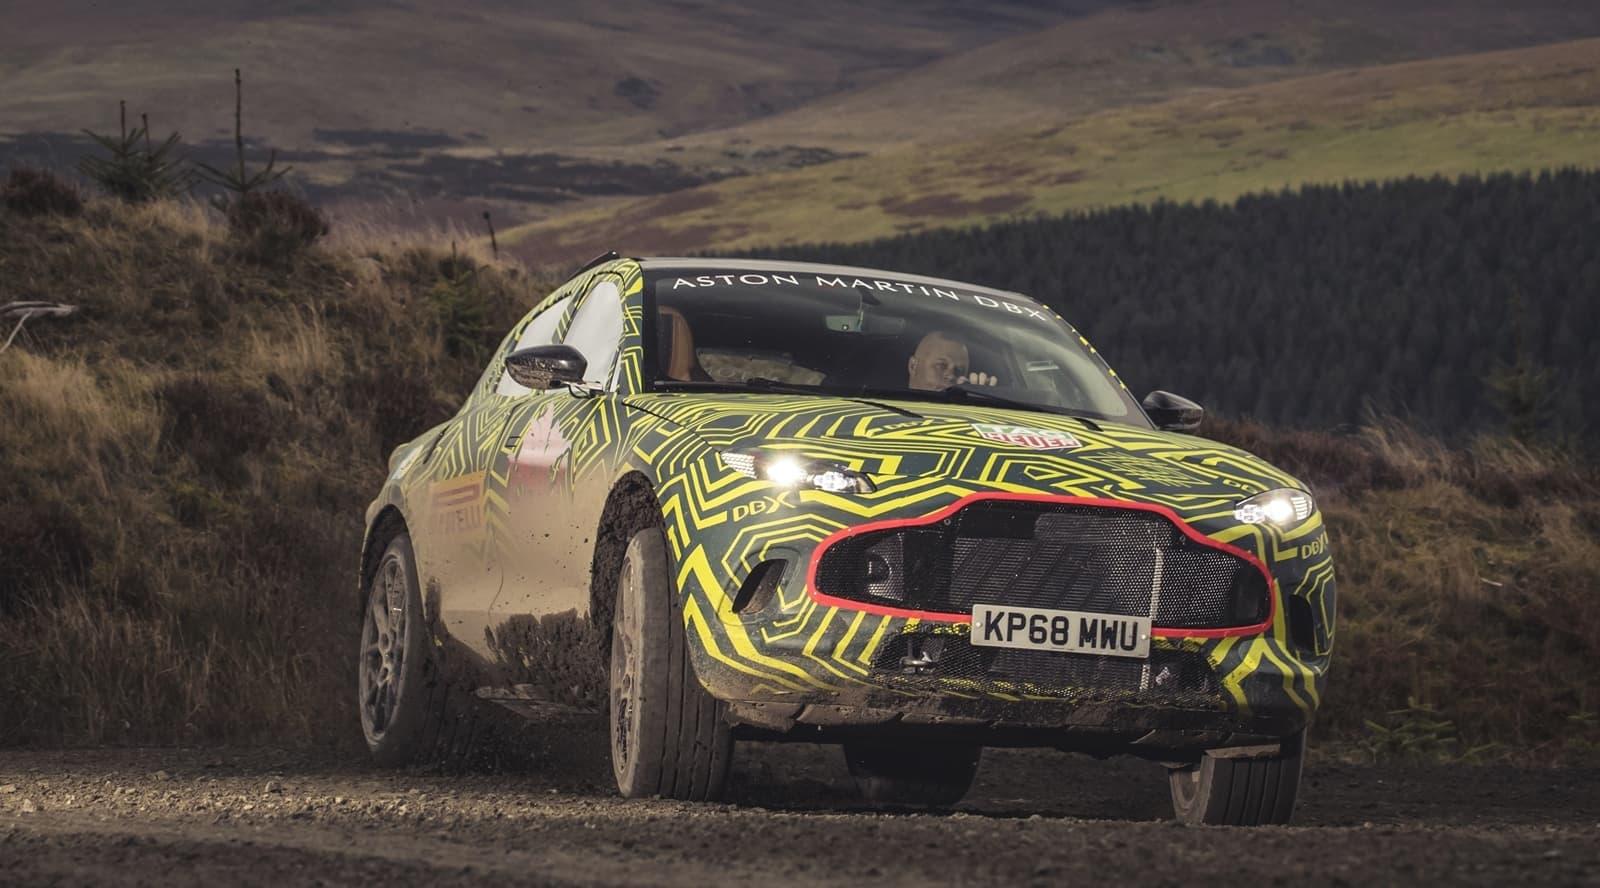 Aston Martin 5th / 6th November 2018 Photo: Drew Gibson